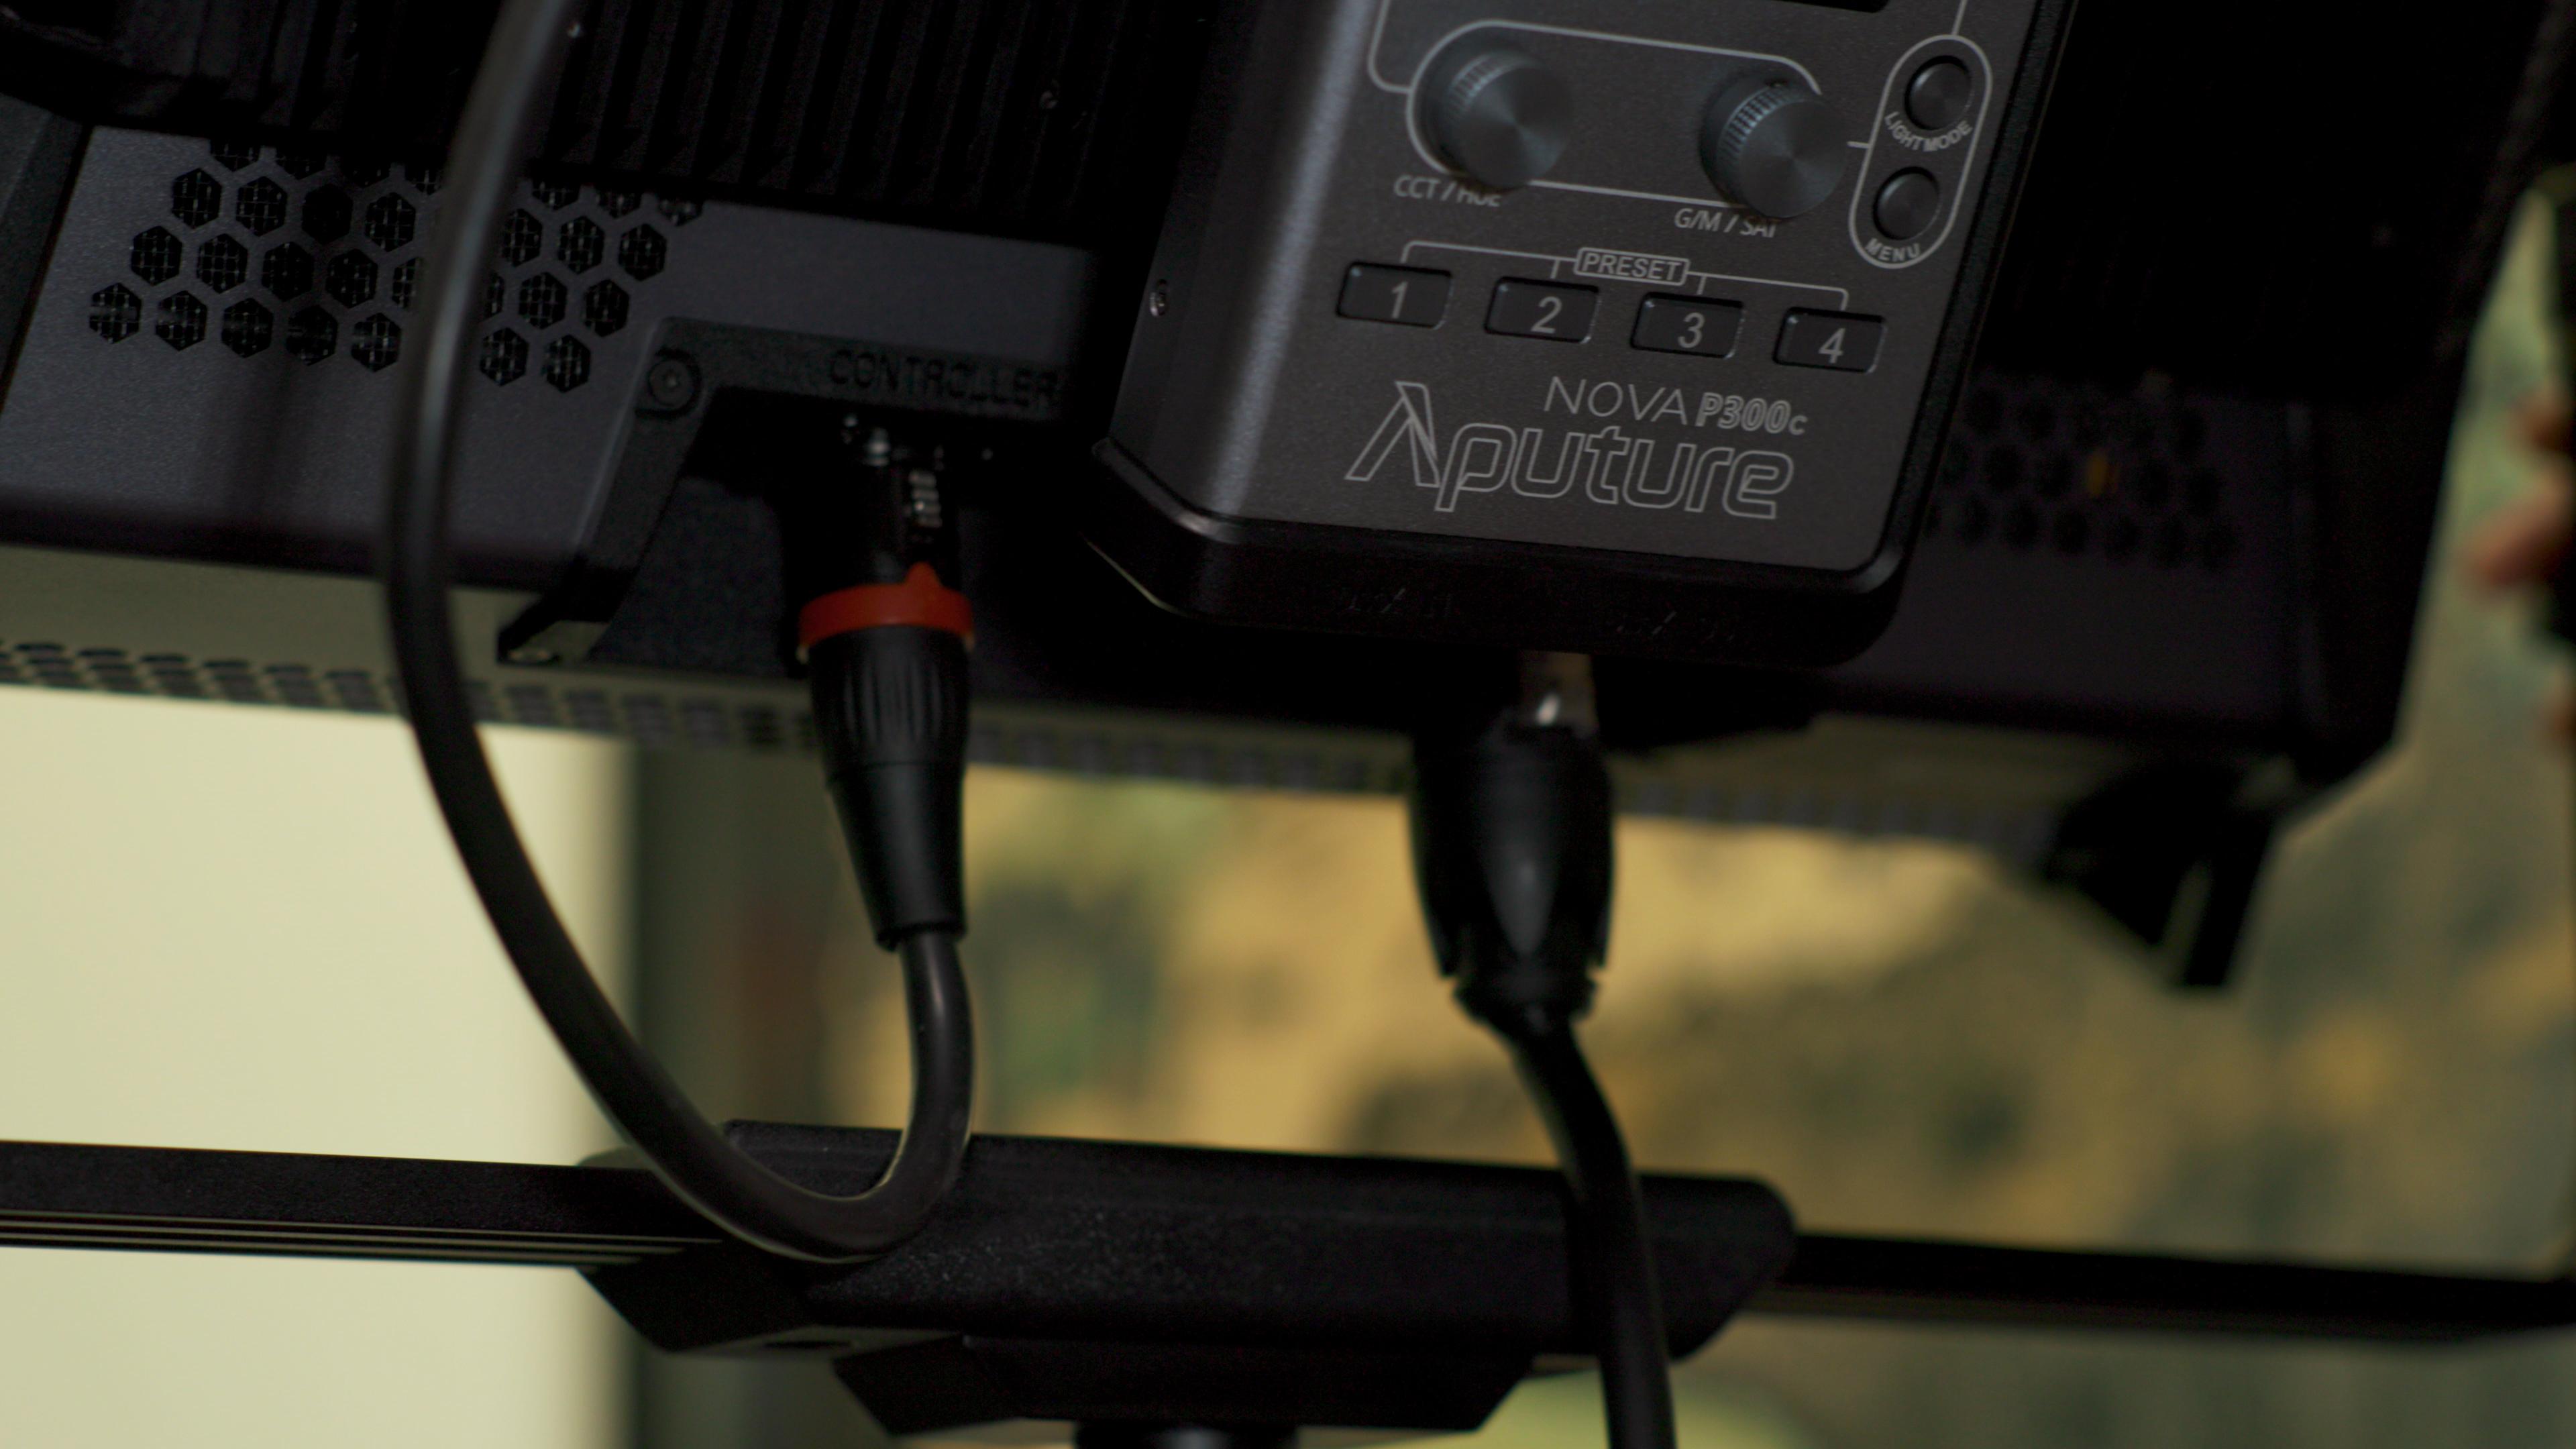 Aputure Nova P300c LED Panel // Tool Talk 33